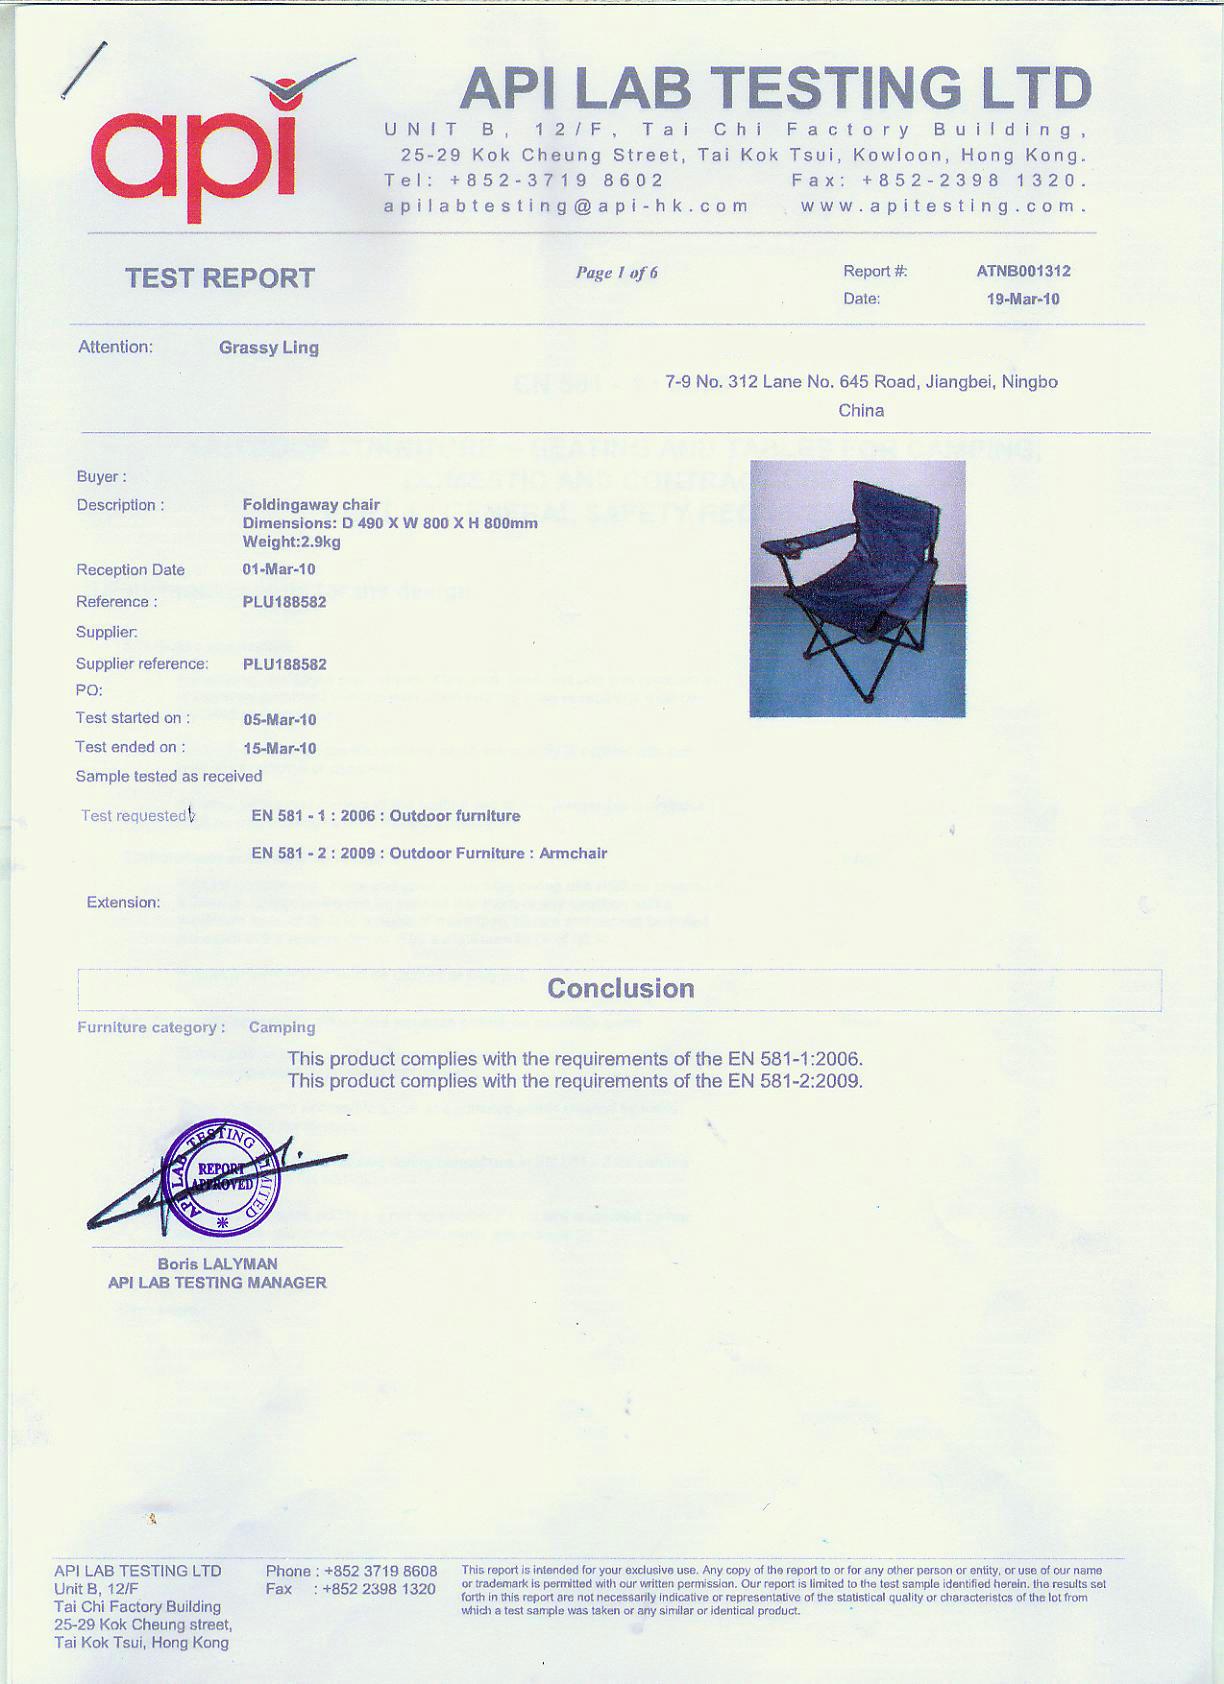 EN581 certifications 3